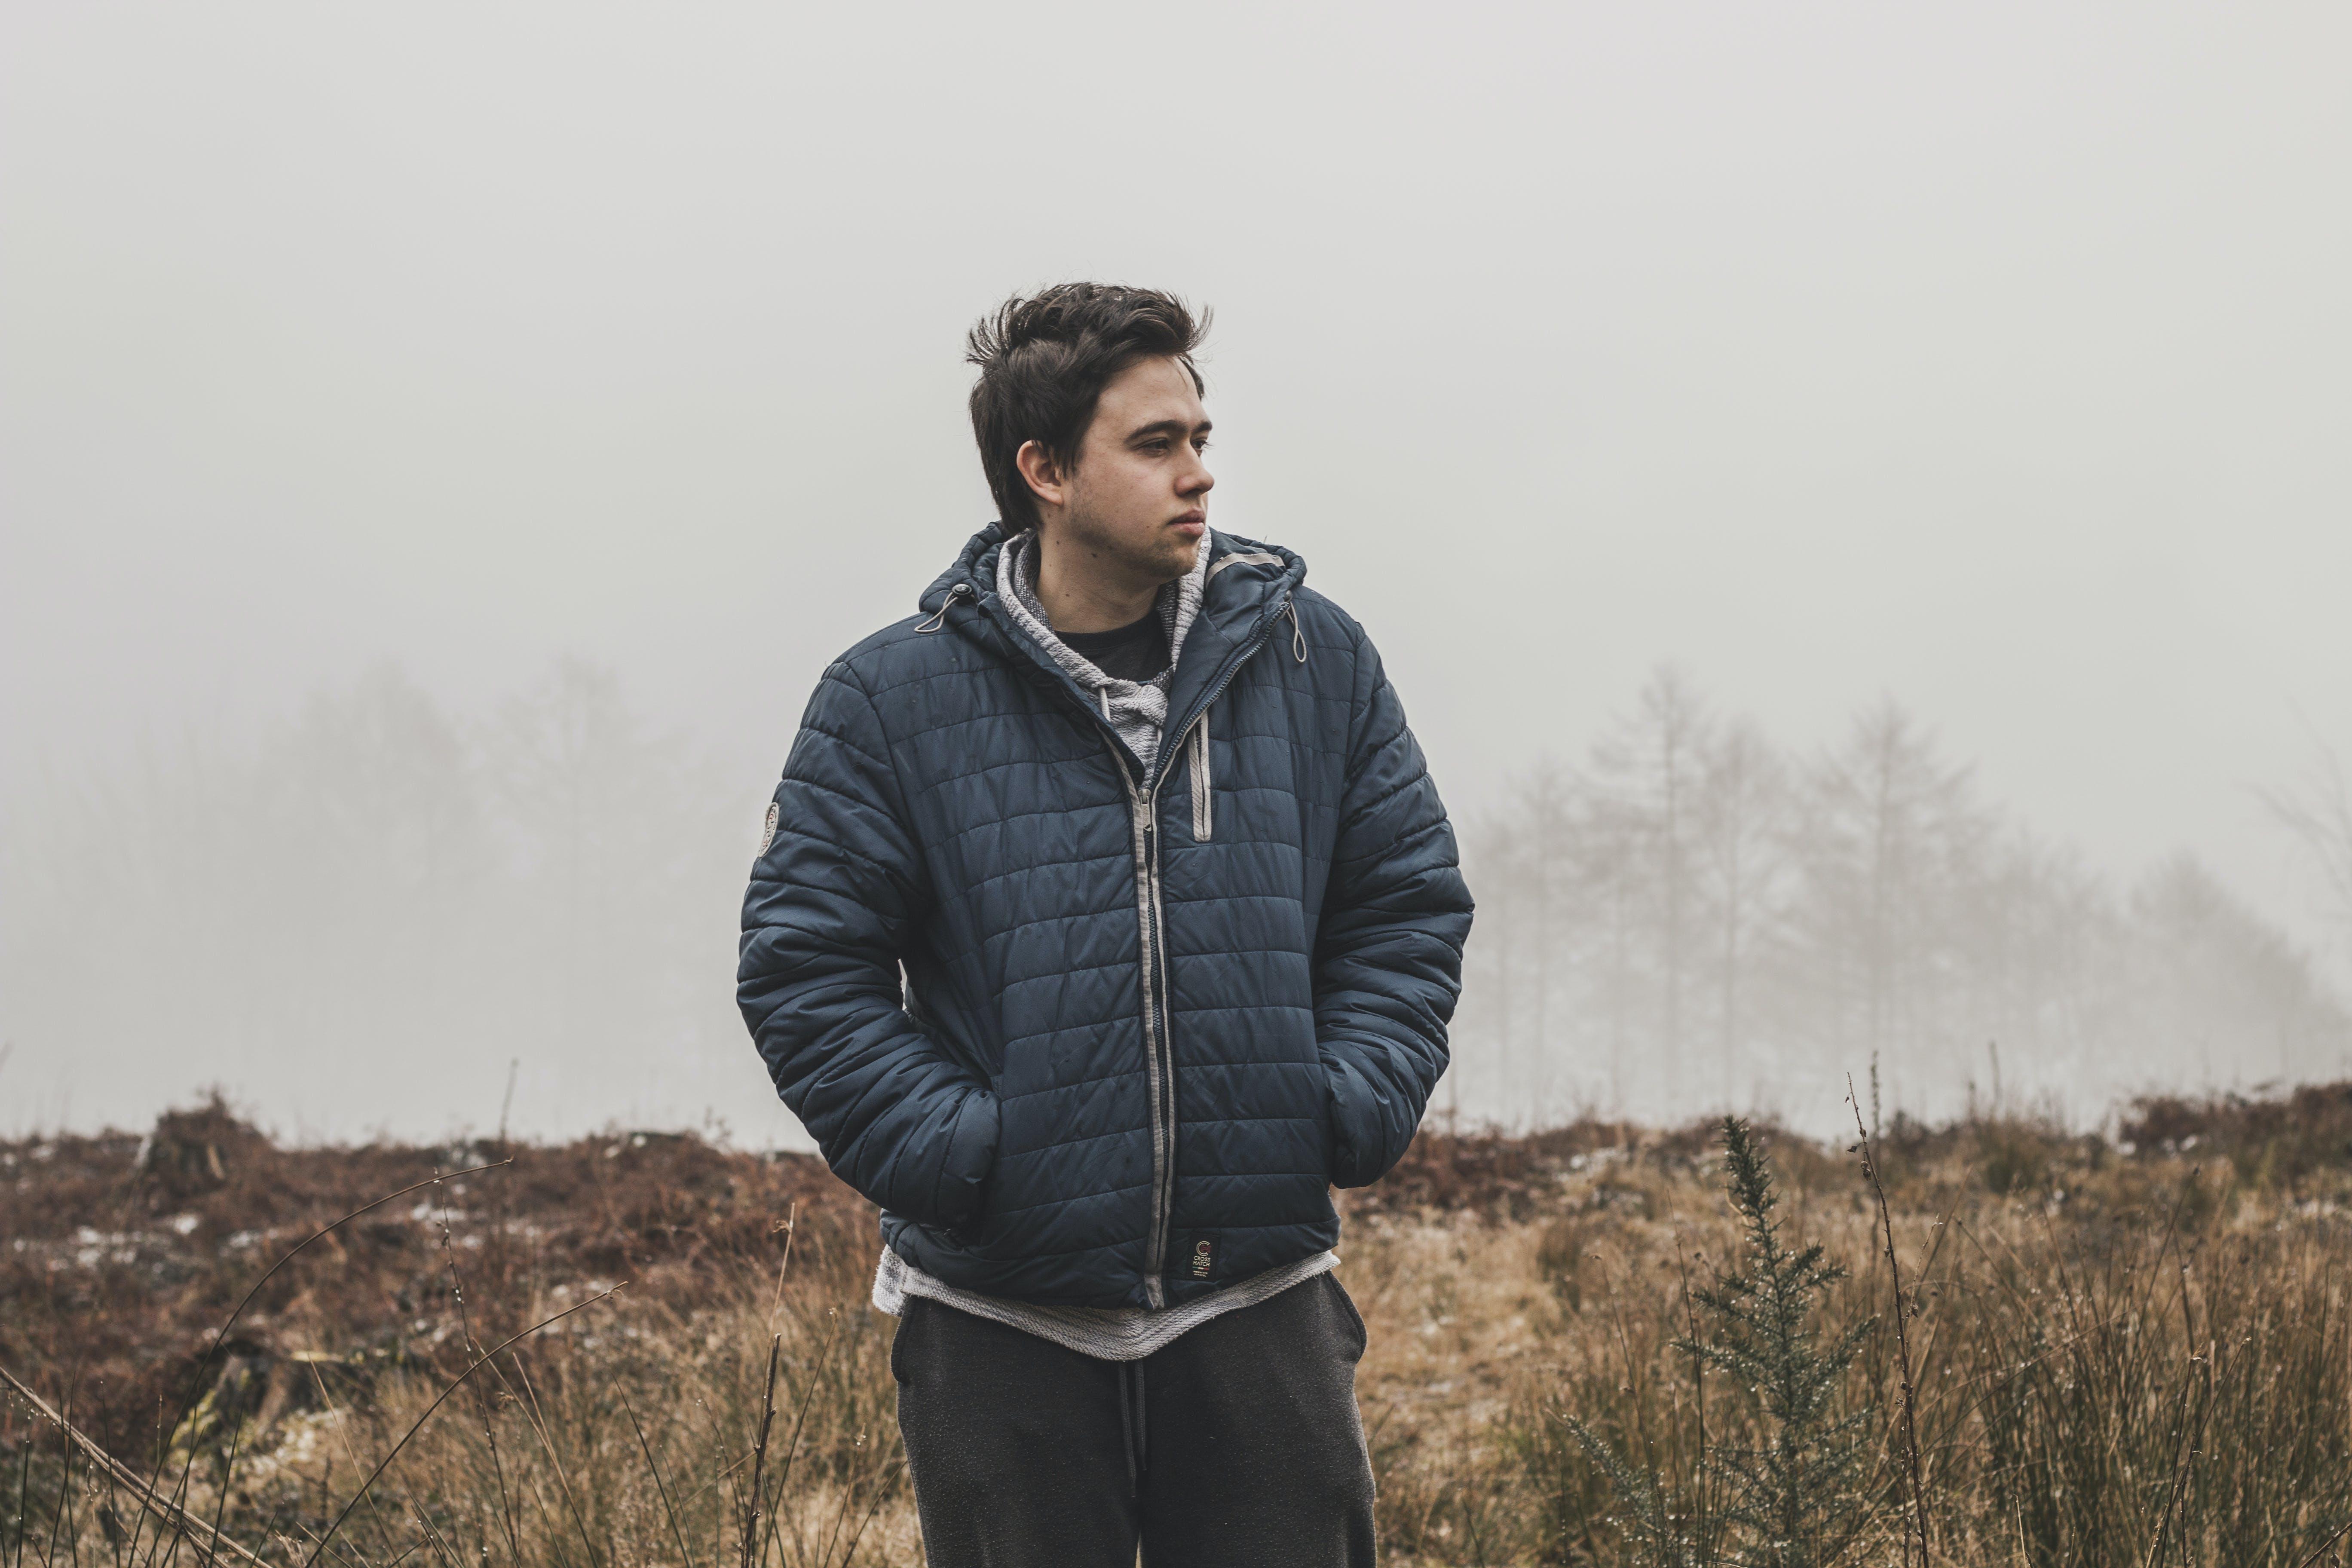 Man Wearing Black Zip-up Hooded Jacket Standing